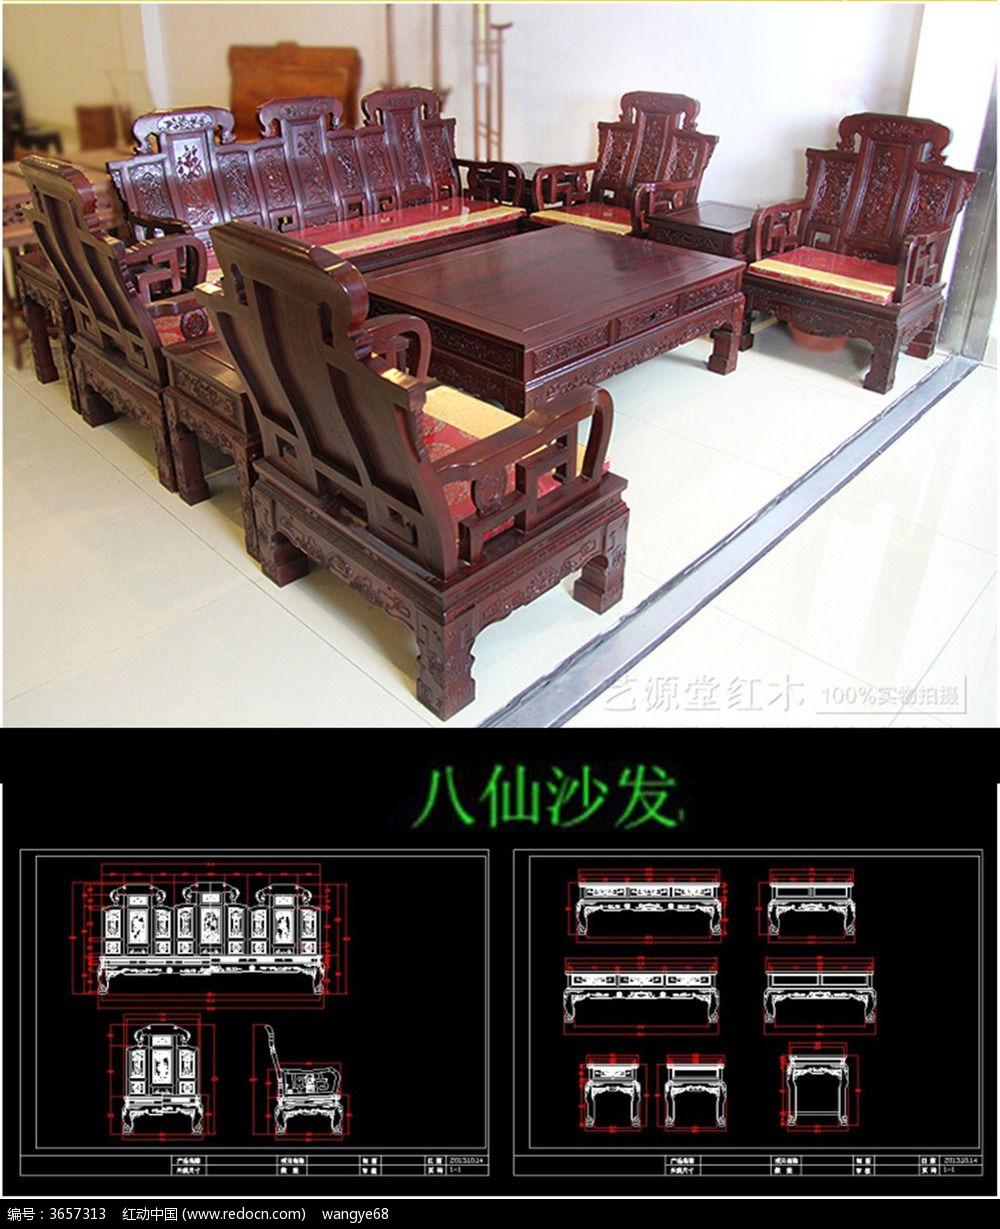 整套八仙桌红木家具CADv图纸图纸黄蜂图纸安装战神图片